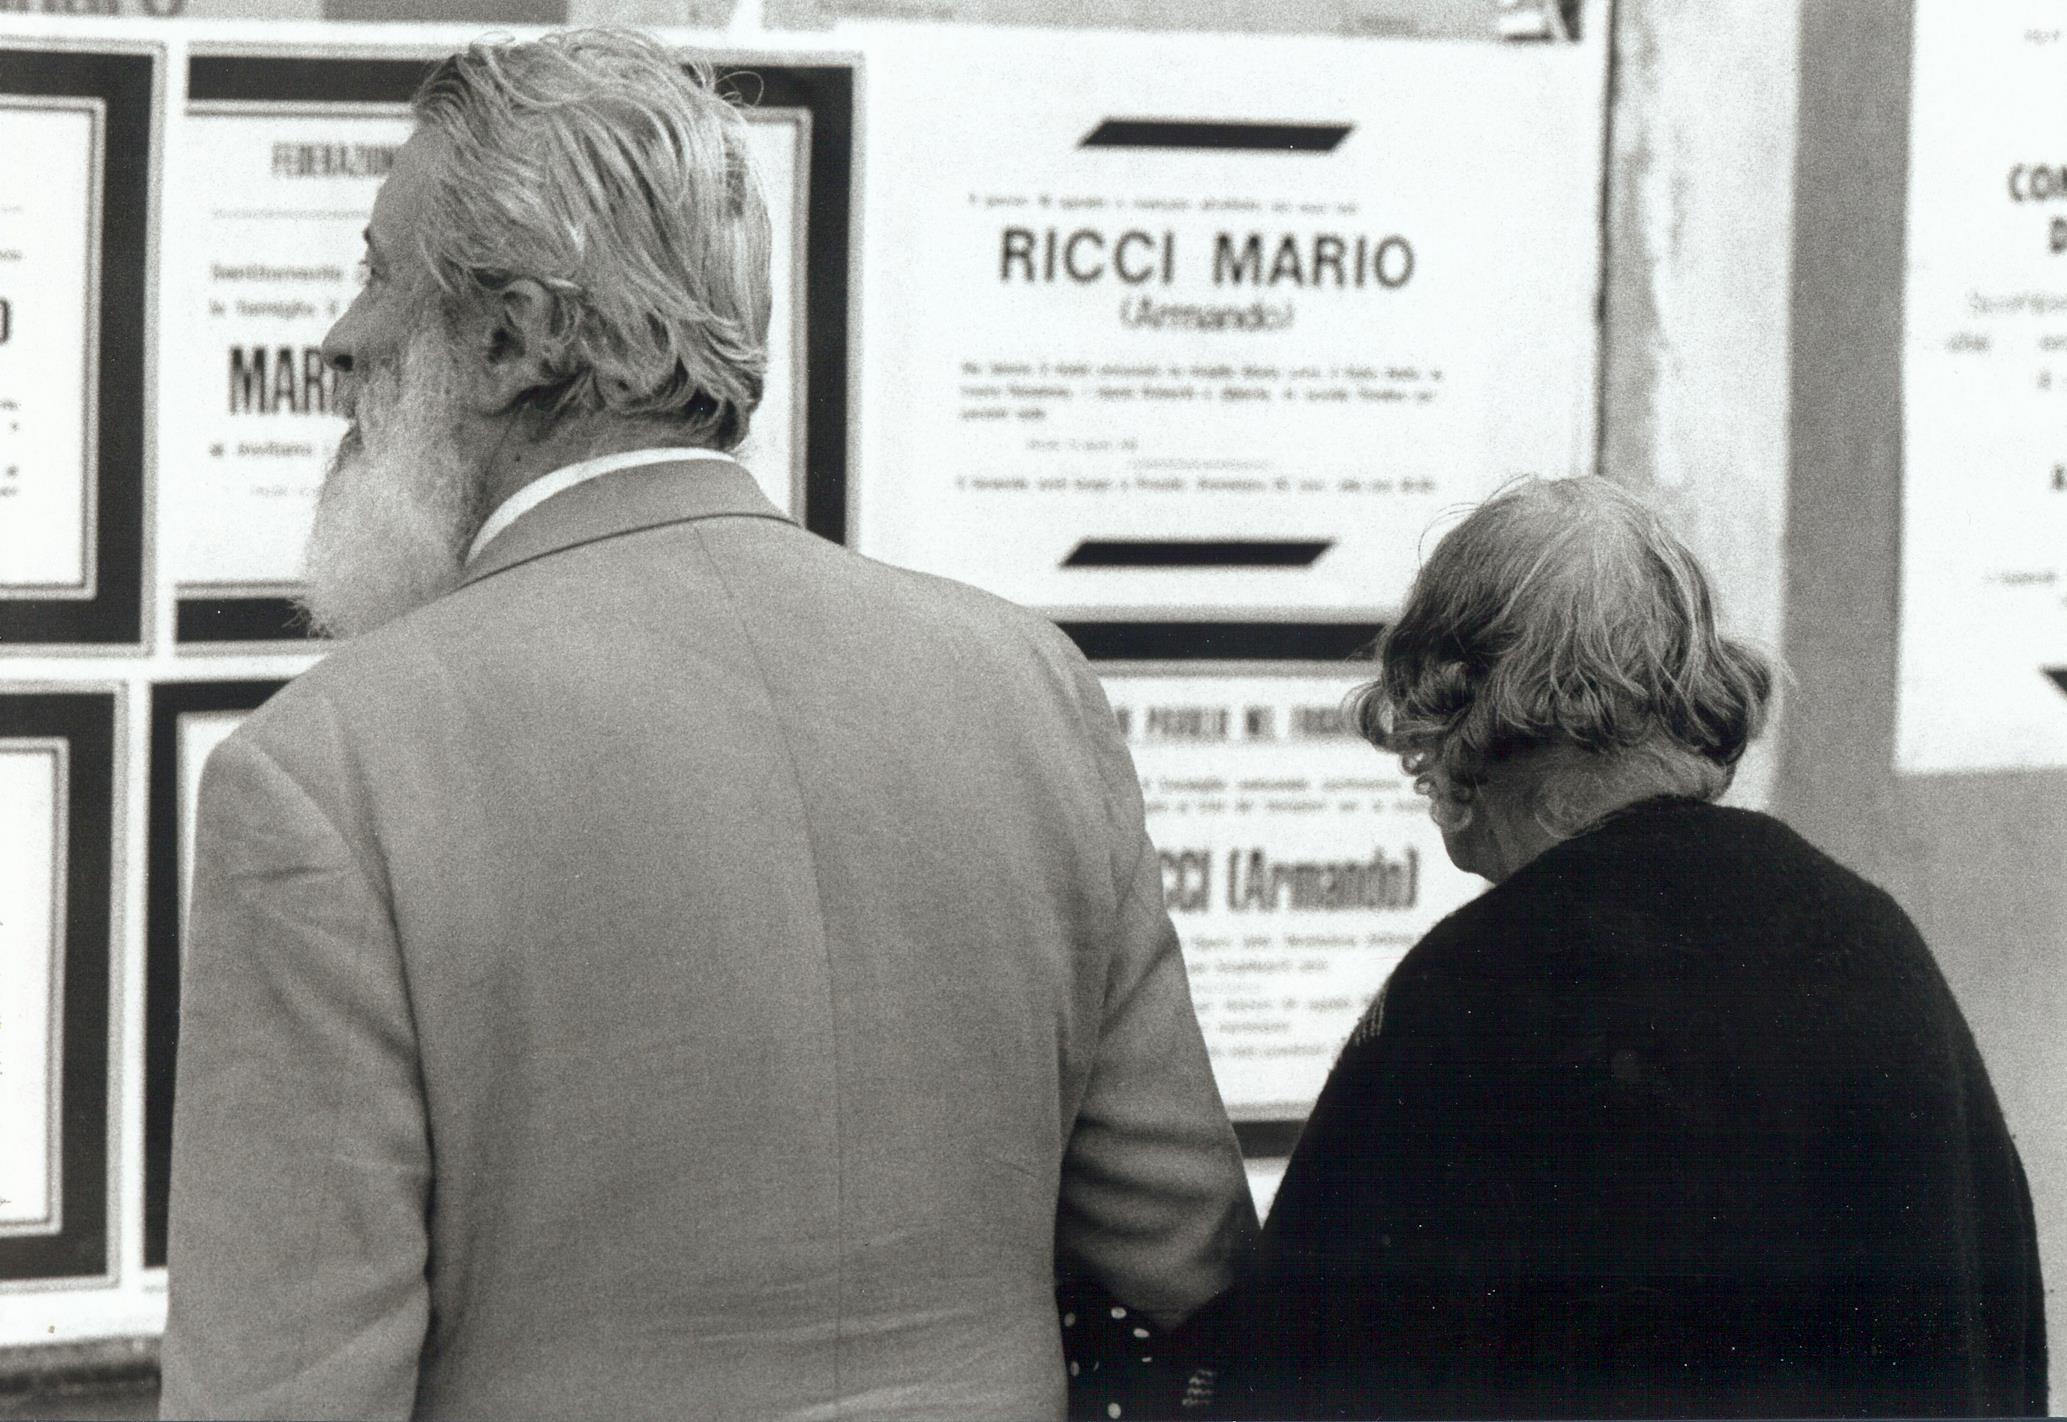 """Anziani osservano gli annunci mortuari di Mario Ricci. Foto tratta dalla mostra Mario Ricci """"Armando"""" dal mito alla storia - con Armando nel cuore"""